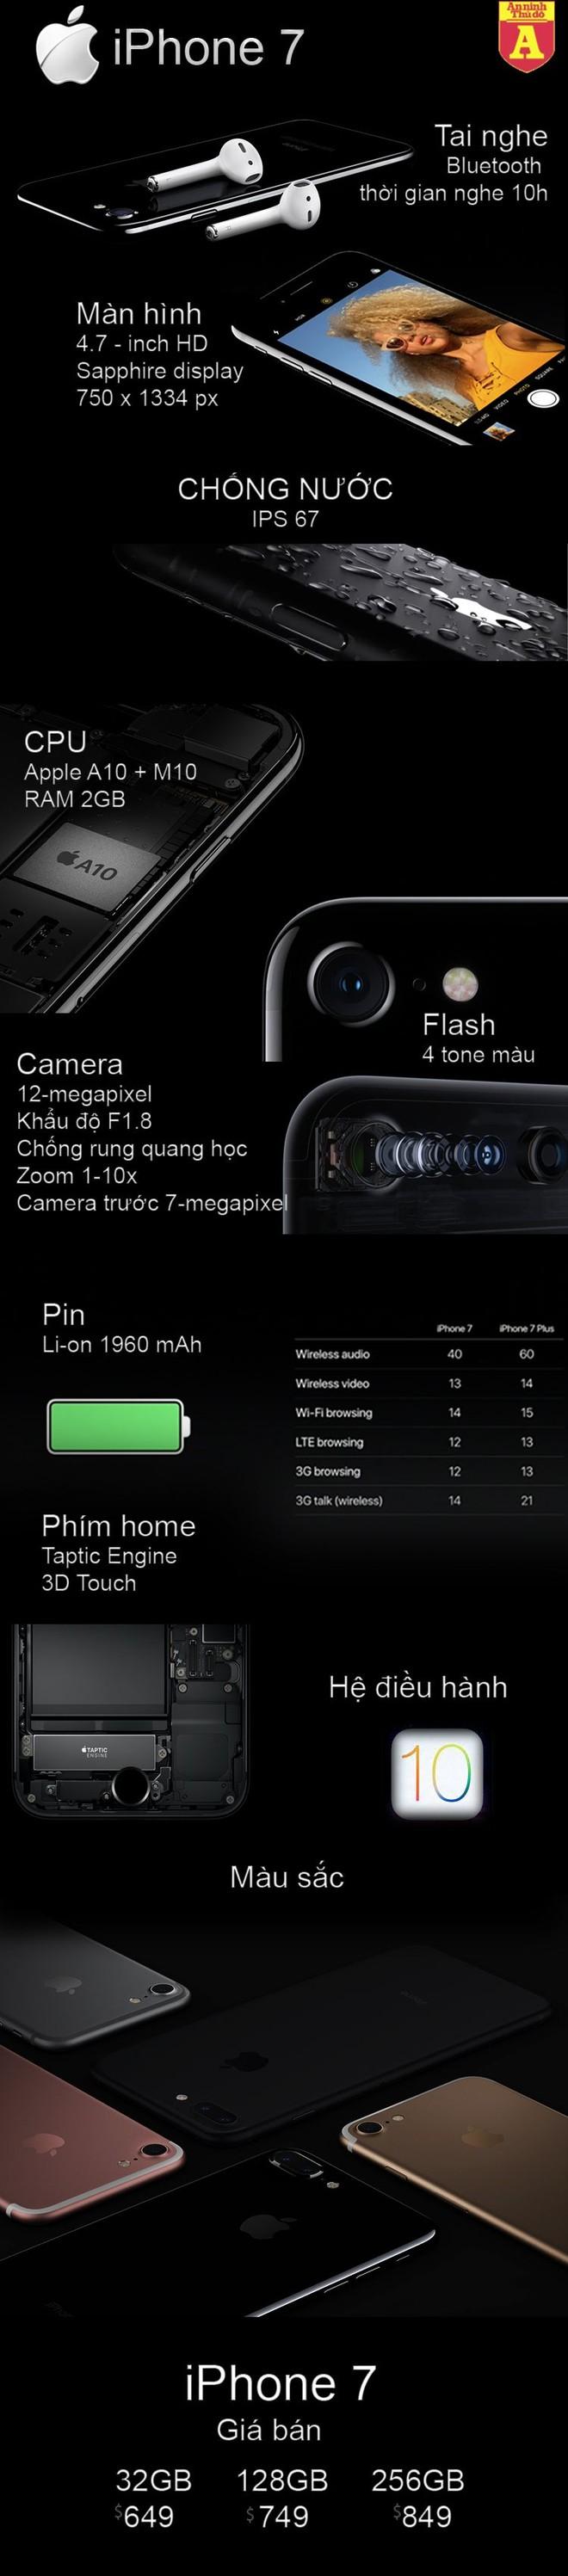 [Infographic] iPhone 7– Nữ hoàng của làng công nghệ di động